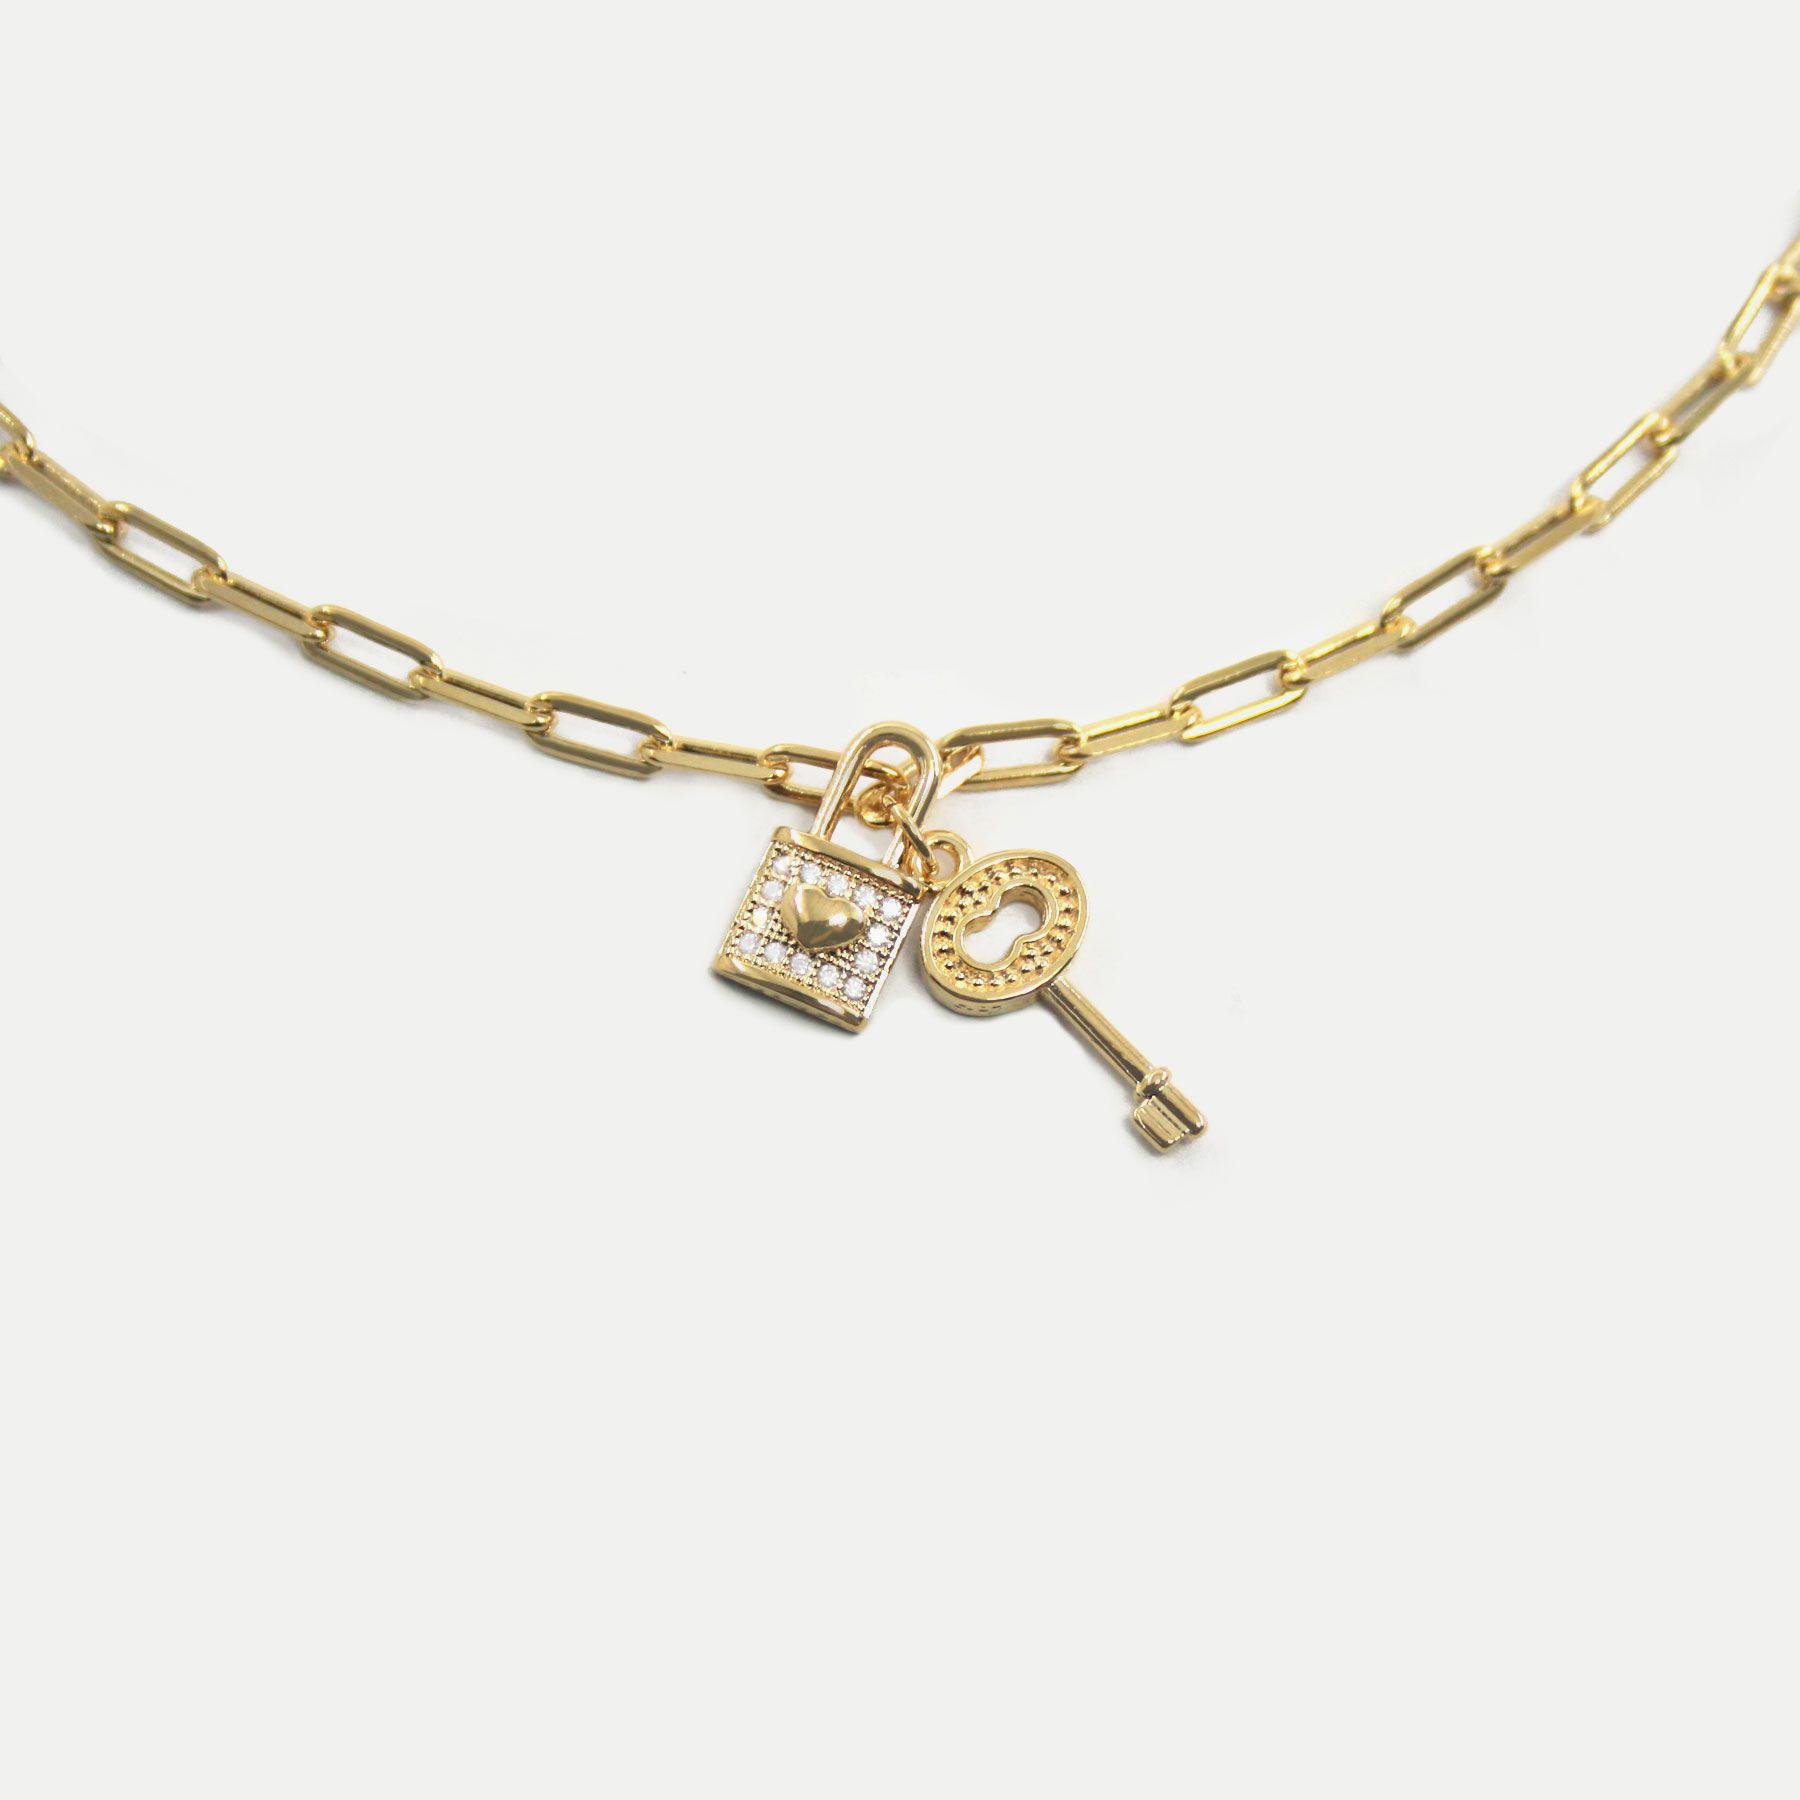 Colar Curto em Corrente Cartier com Pingentes de Cadeado e Chave Banhado em Ouro 18k